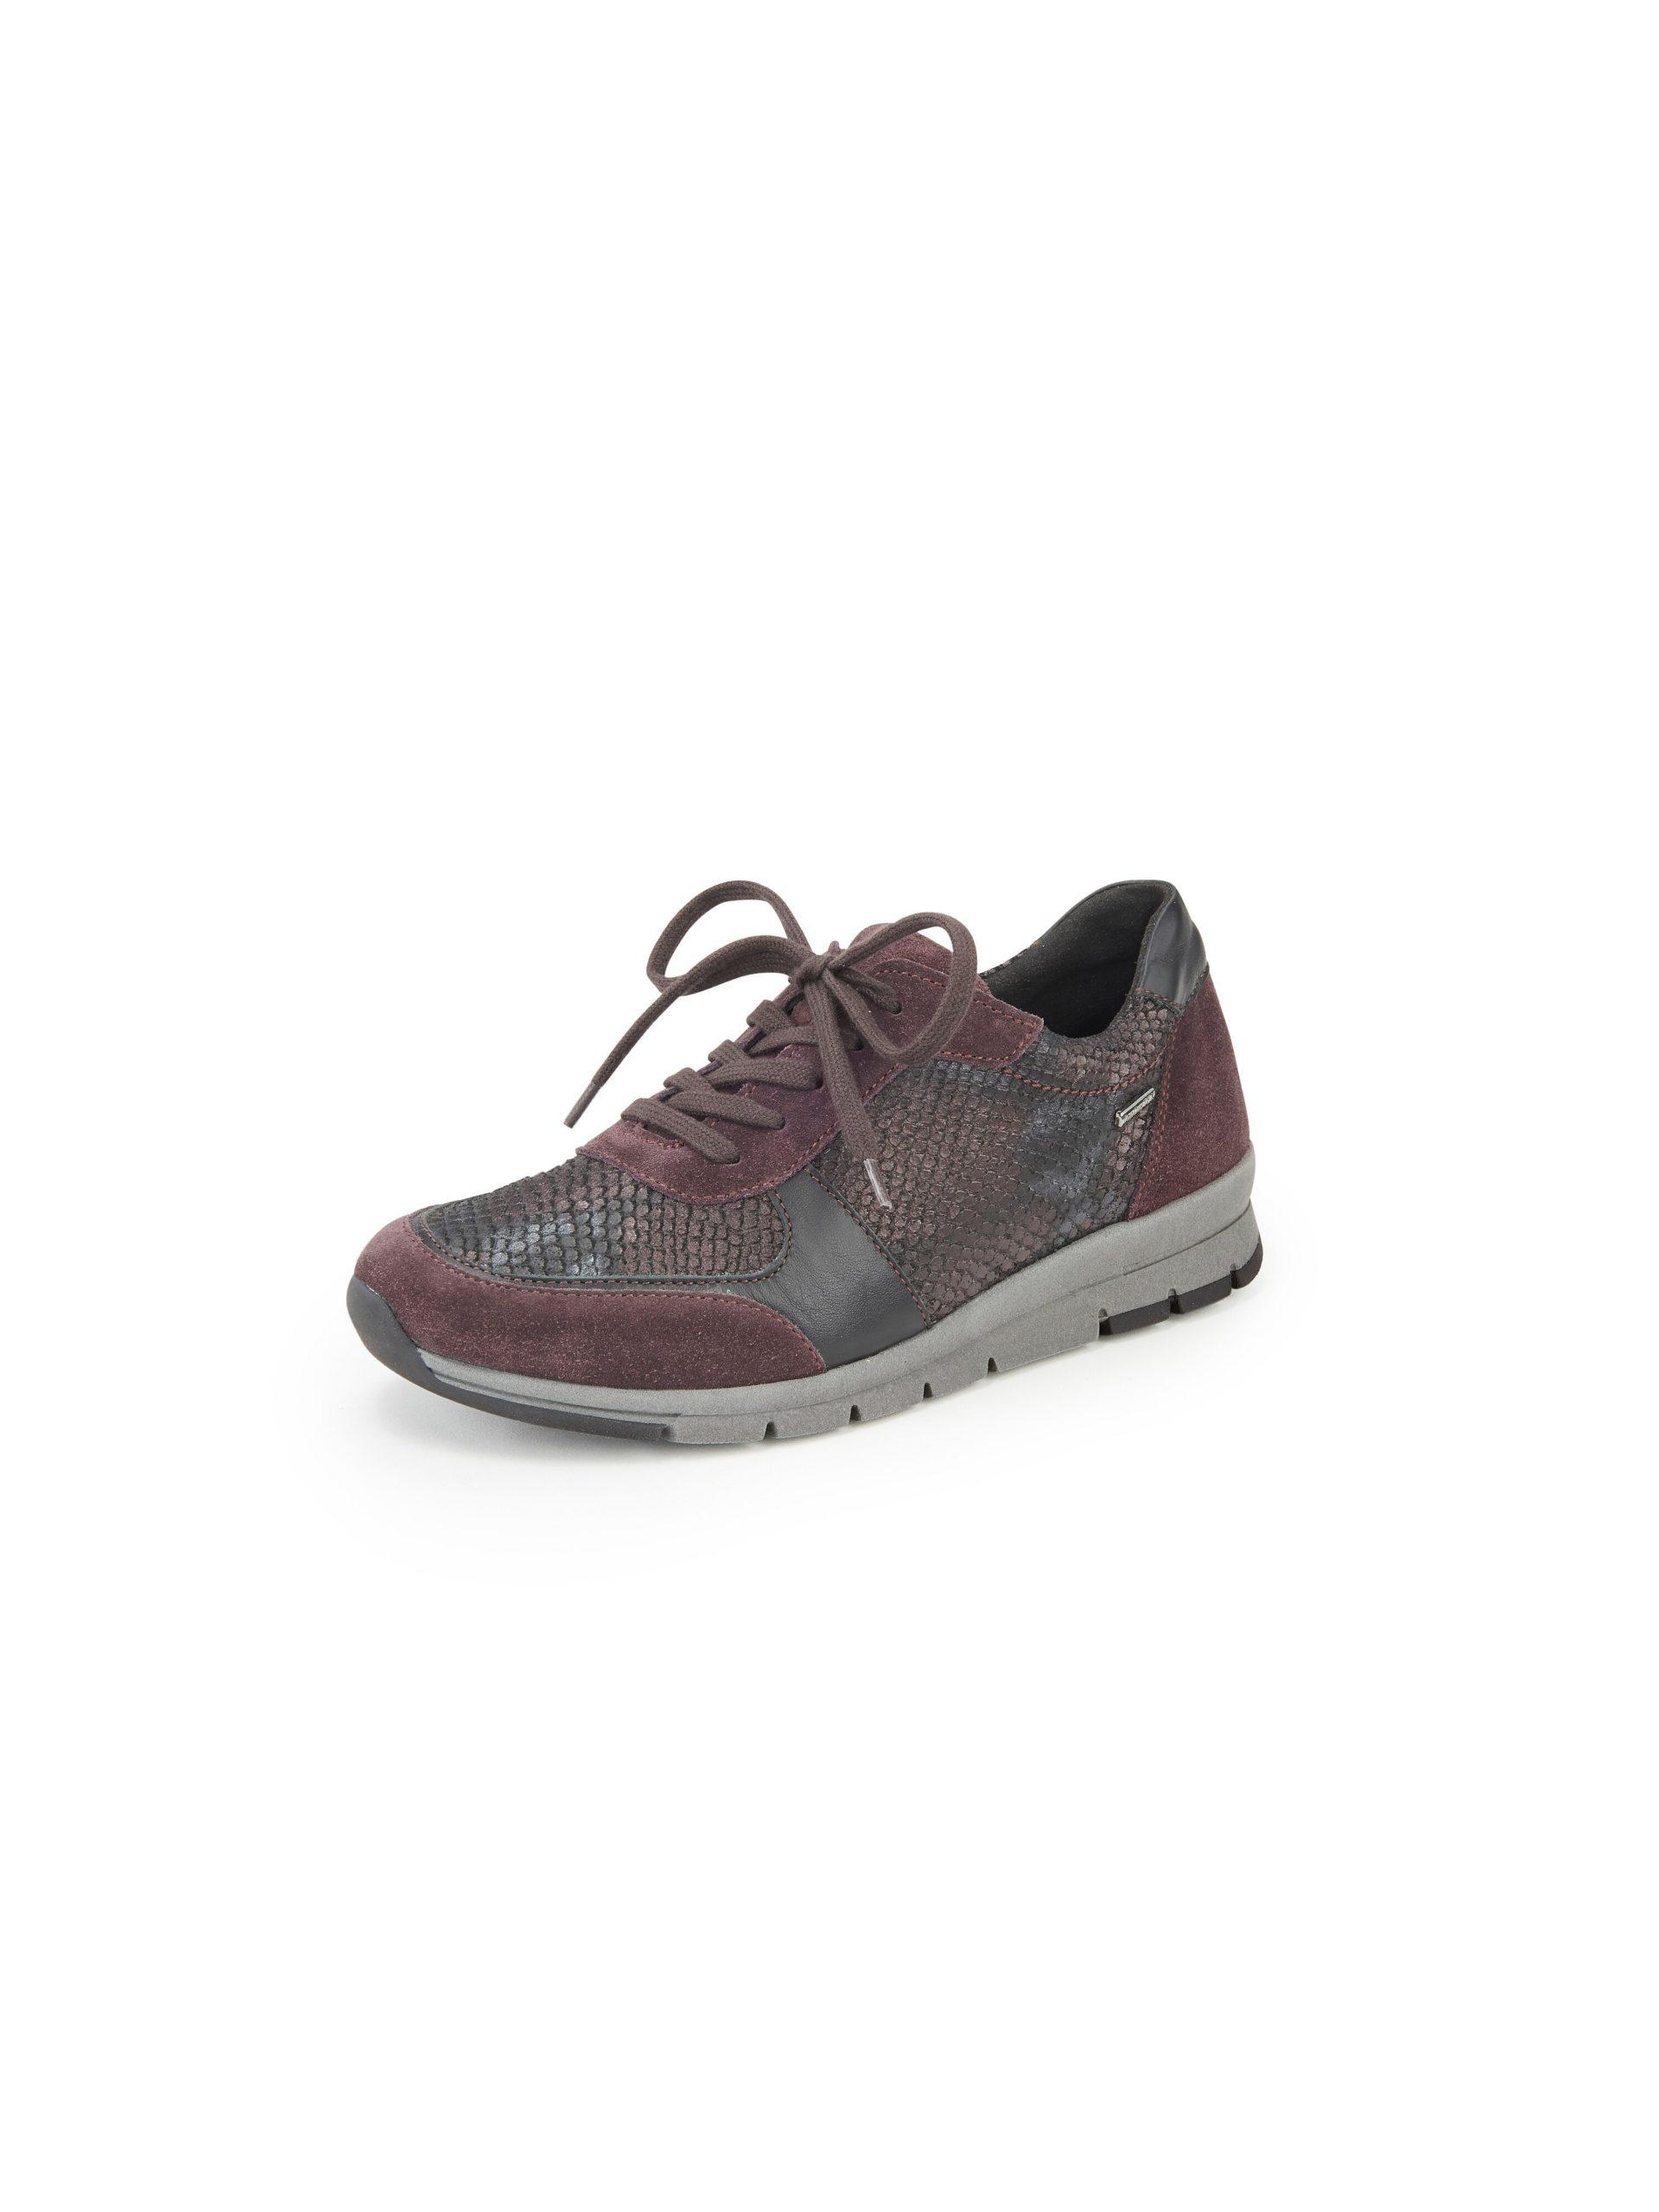 Sneakers model Tabea Van Romika rood Kopen